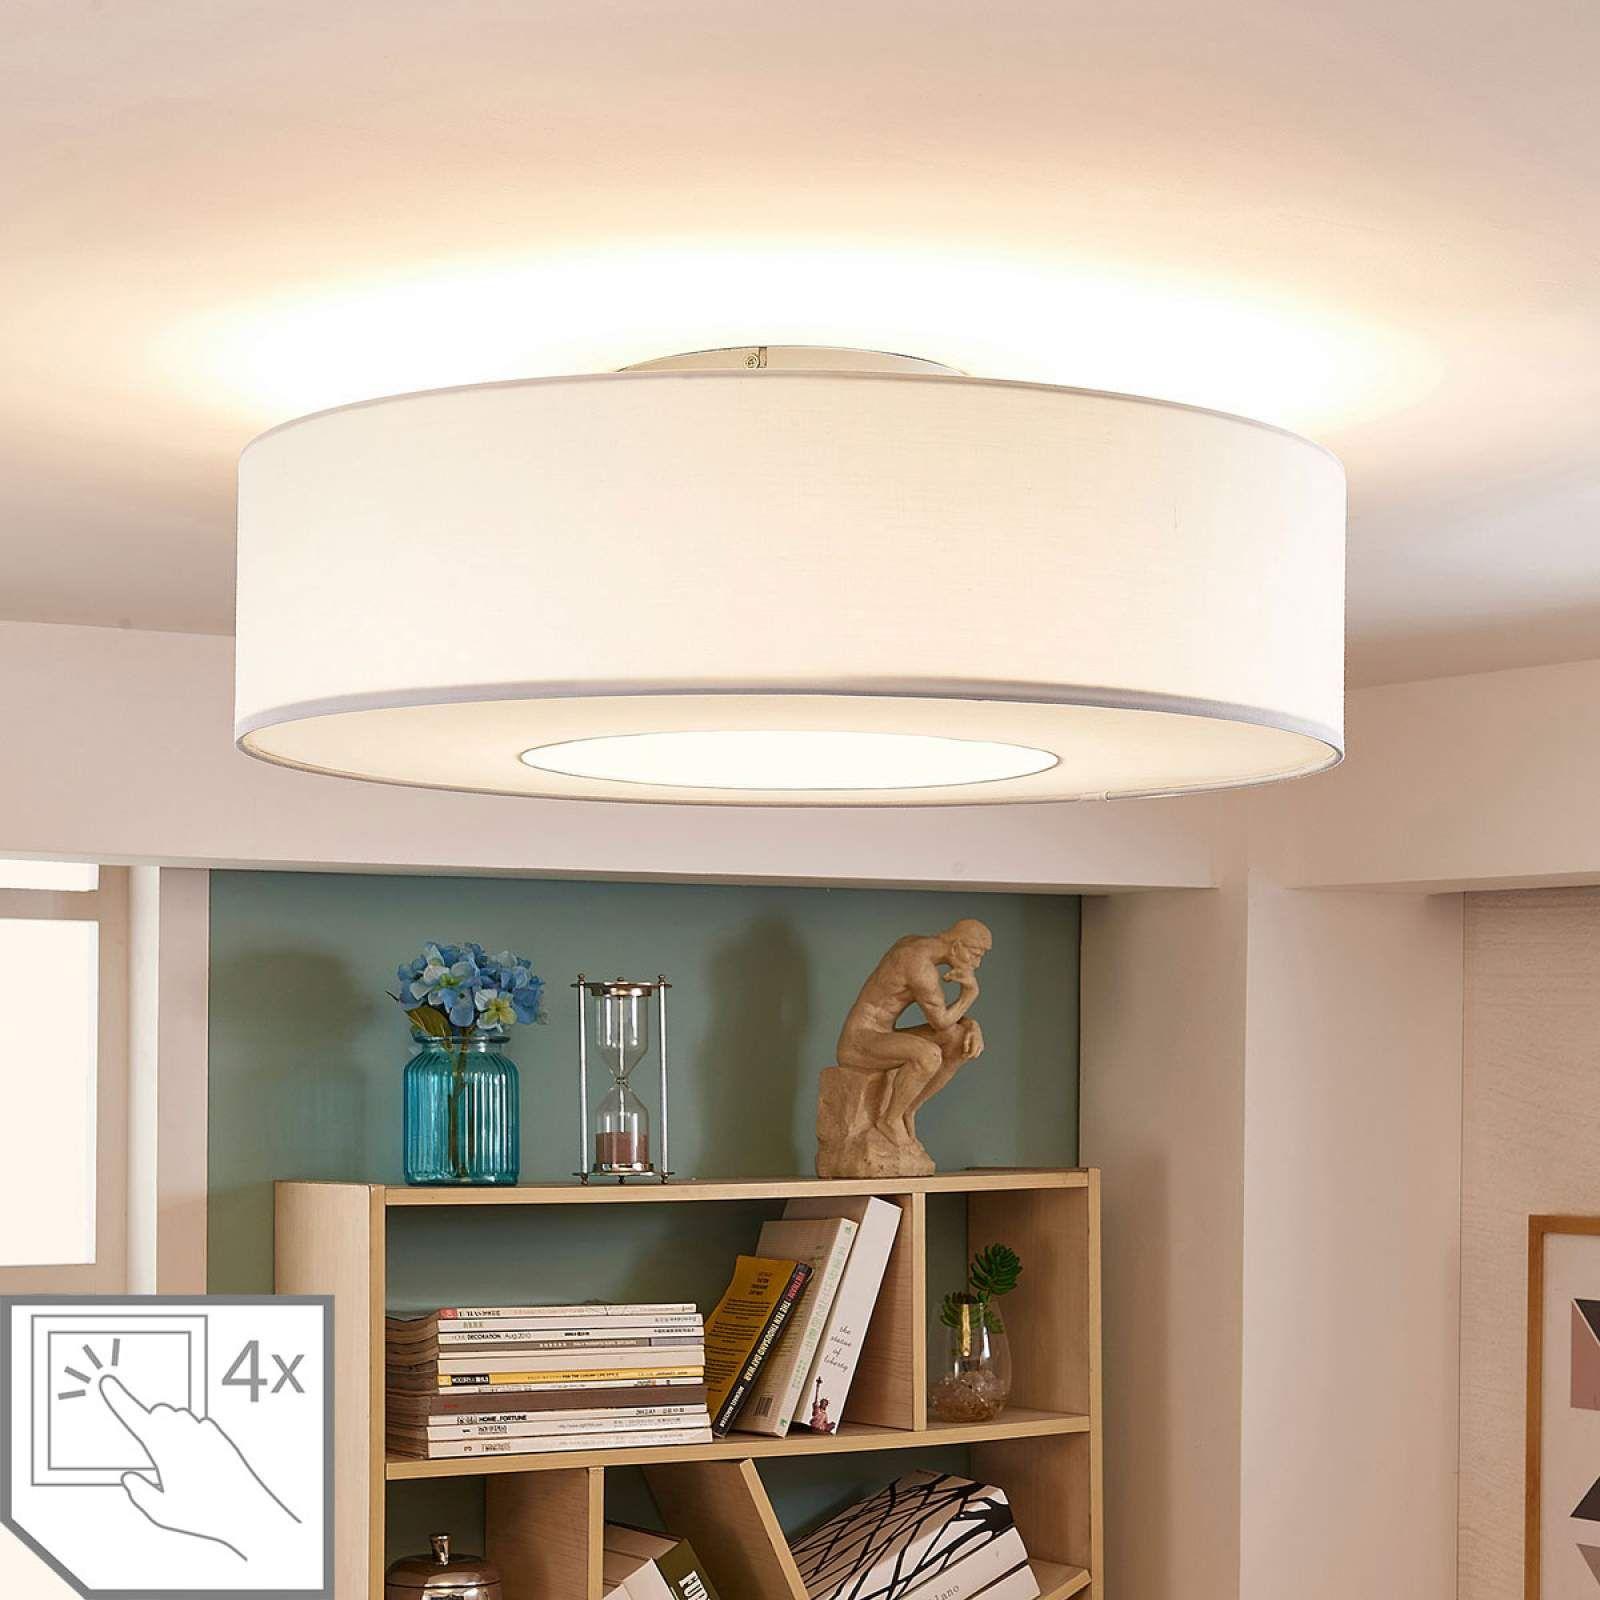 Moderne Deckenleuchte Von Lampenwelt Com Weiss Wohnraum Beleuchtung Lampen Und Led Deckenleuchte